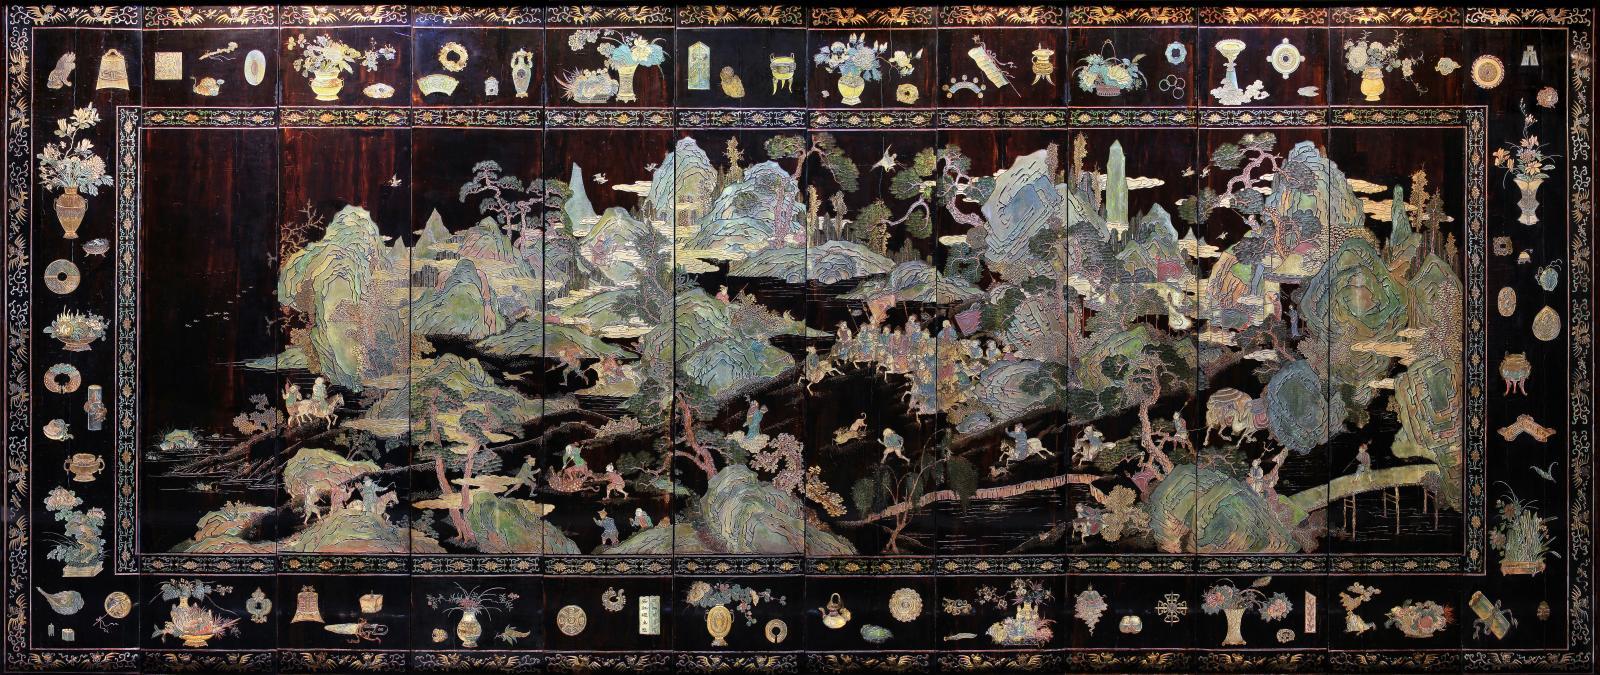 Paravent de la côte de Coromandel, La Chasse de l'empereur Kangxi dans la réserve de Mulan, Chine, période Kangxi (1662-1722).